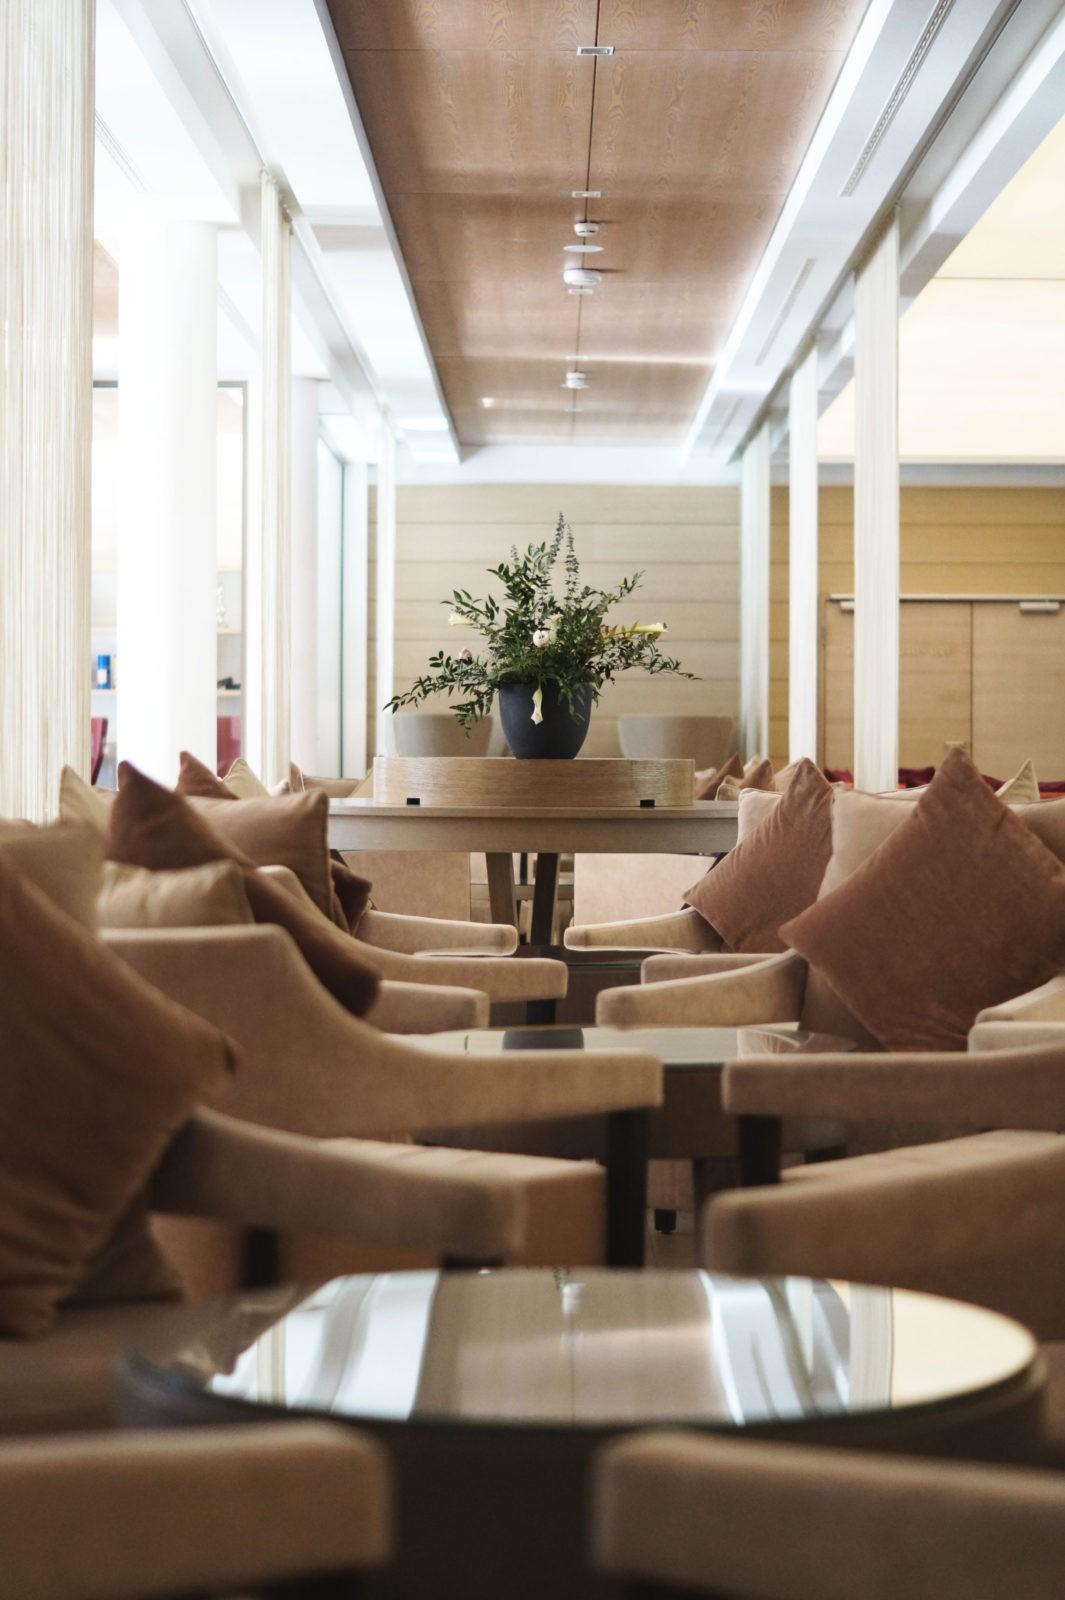 Hotel Review Travel Charme Ifen Hotel Kleinwalsertal Austria Österreich Hotelbewertung Lobby Rezeption